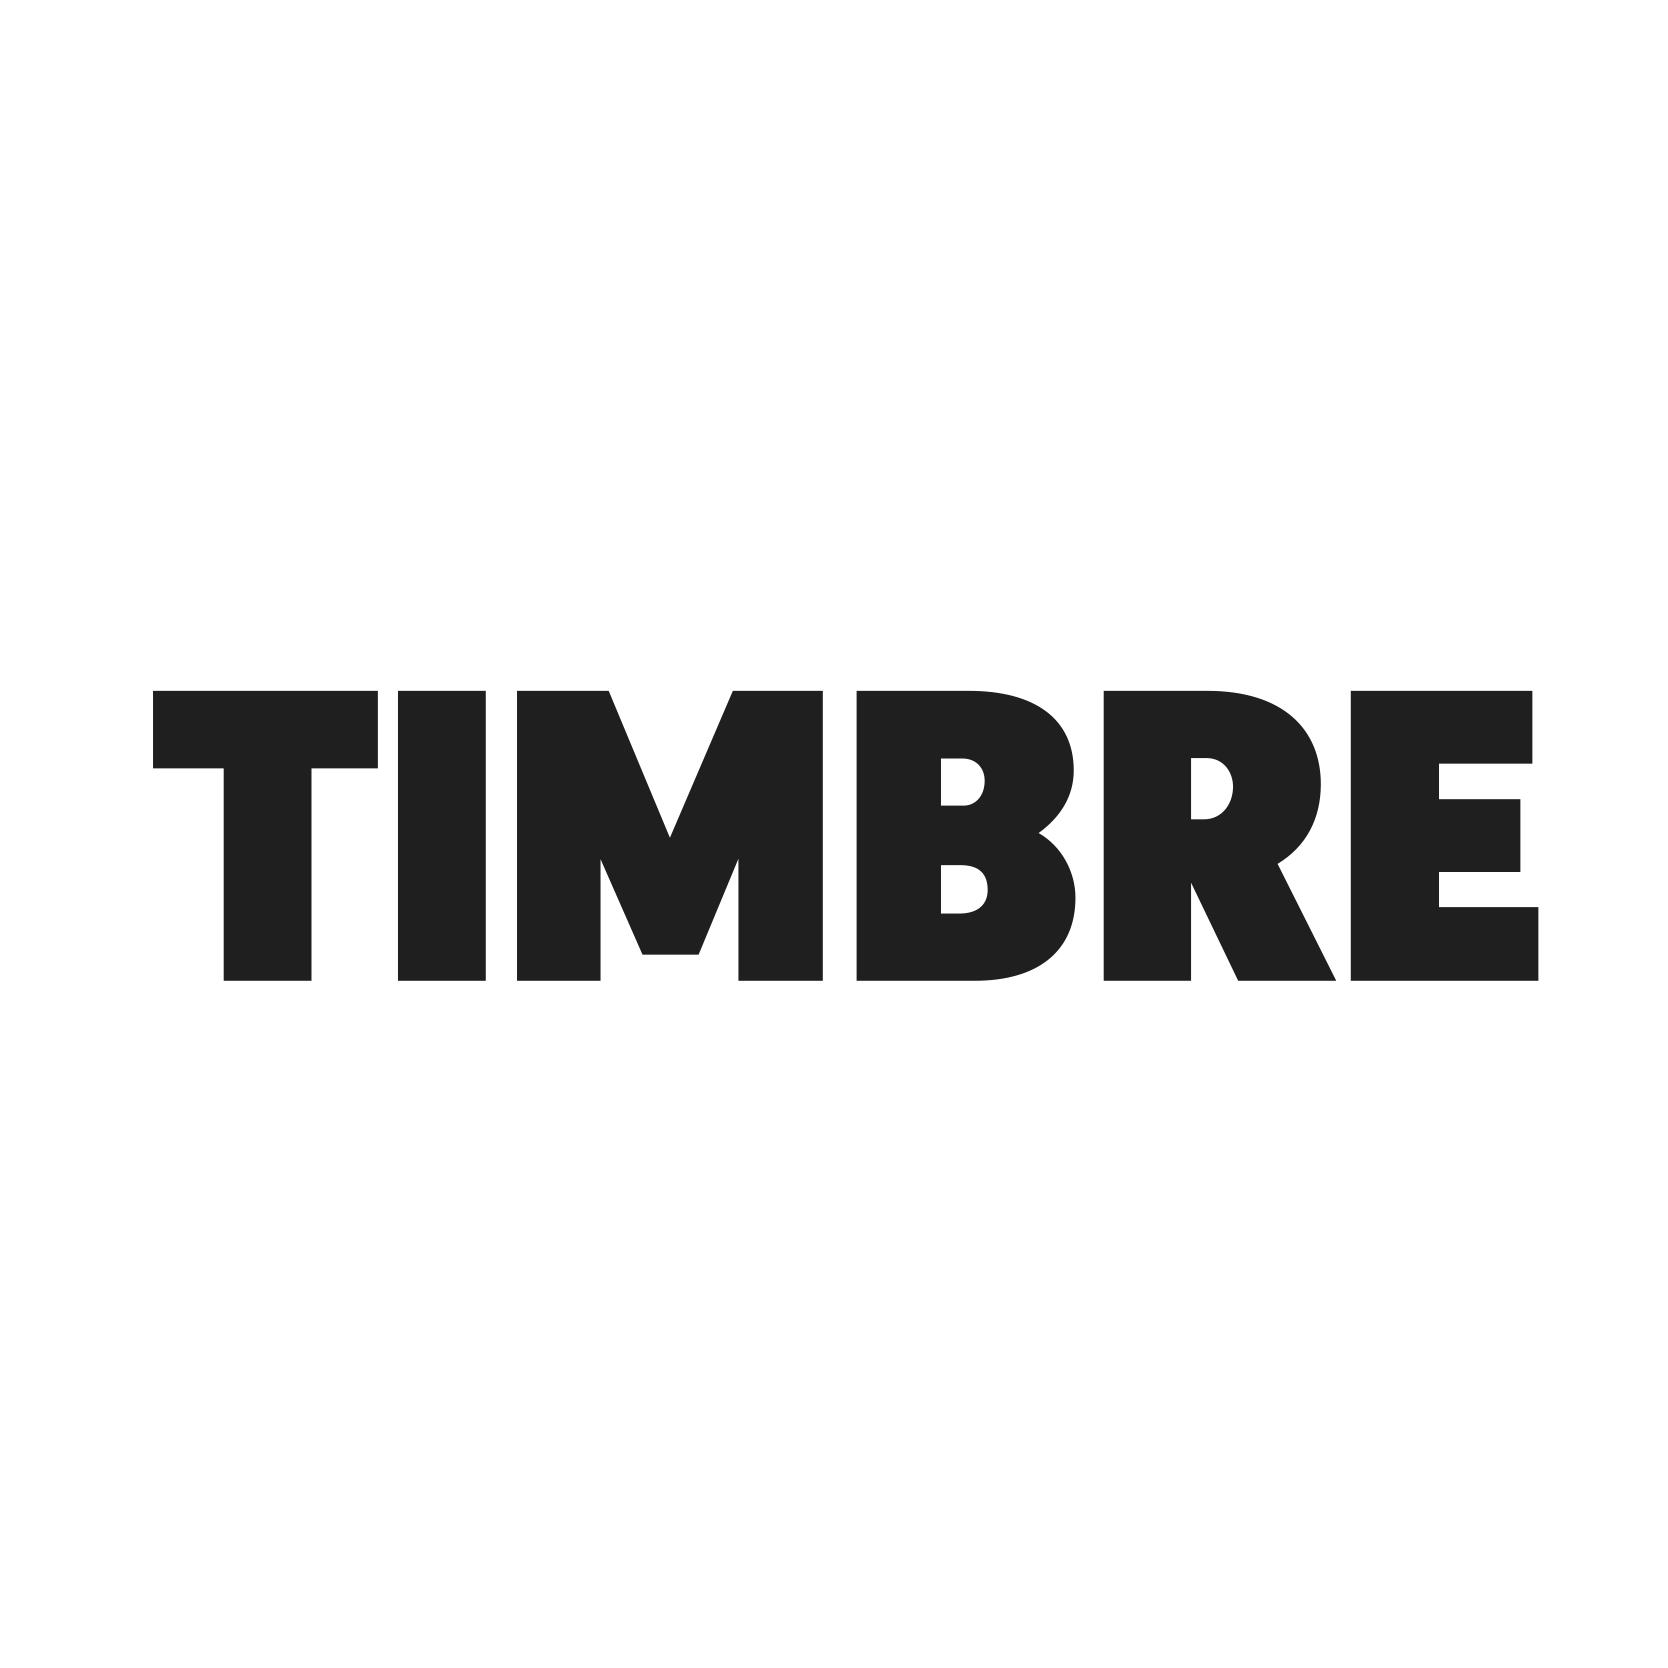 2015-timbre-CS5-01 copy.png